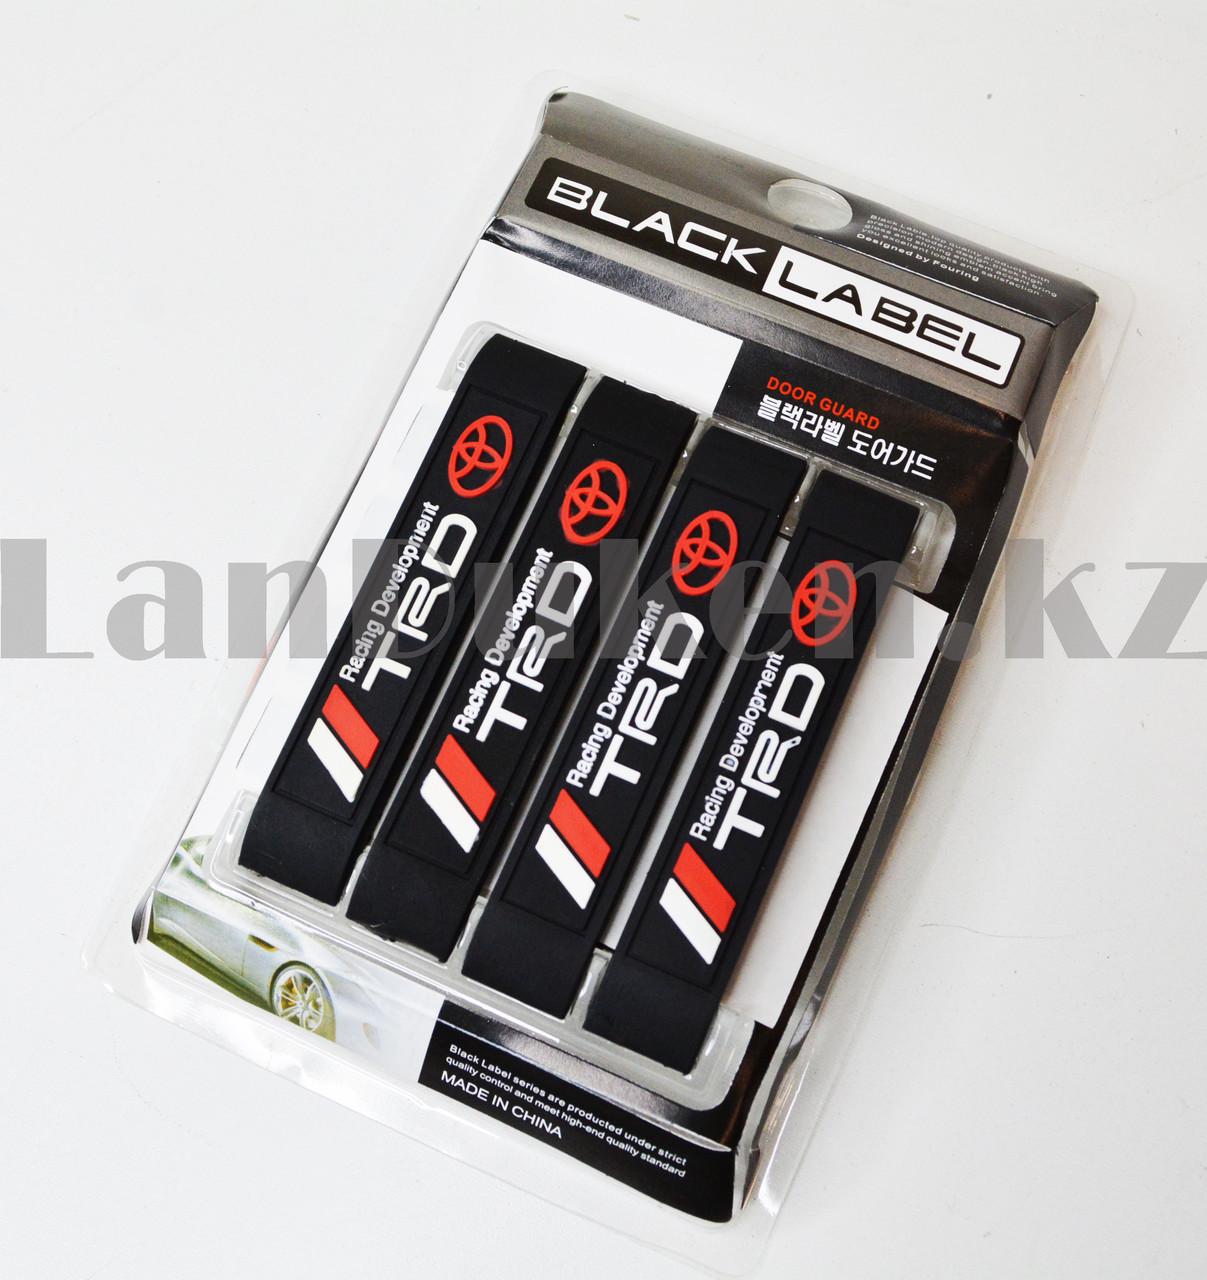 Накладки защитные на двери машины Fouring Black Label TOYOTA - фото 8